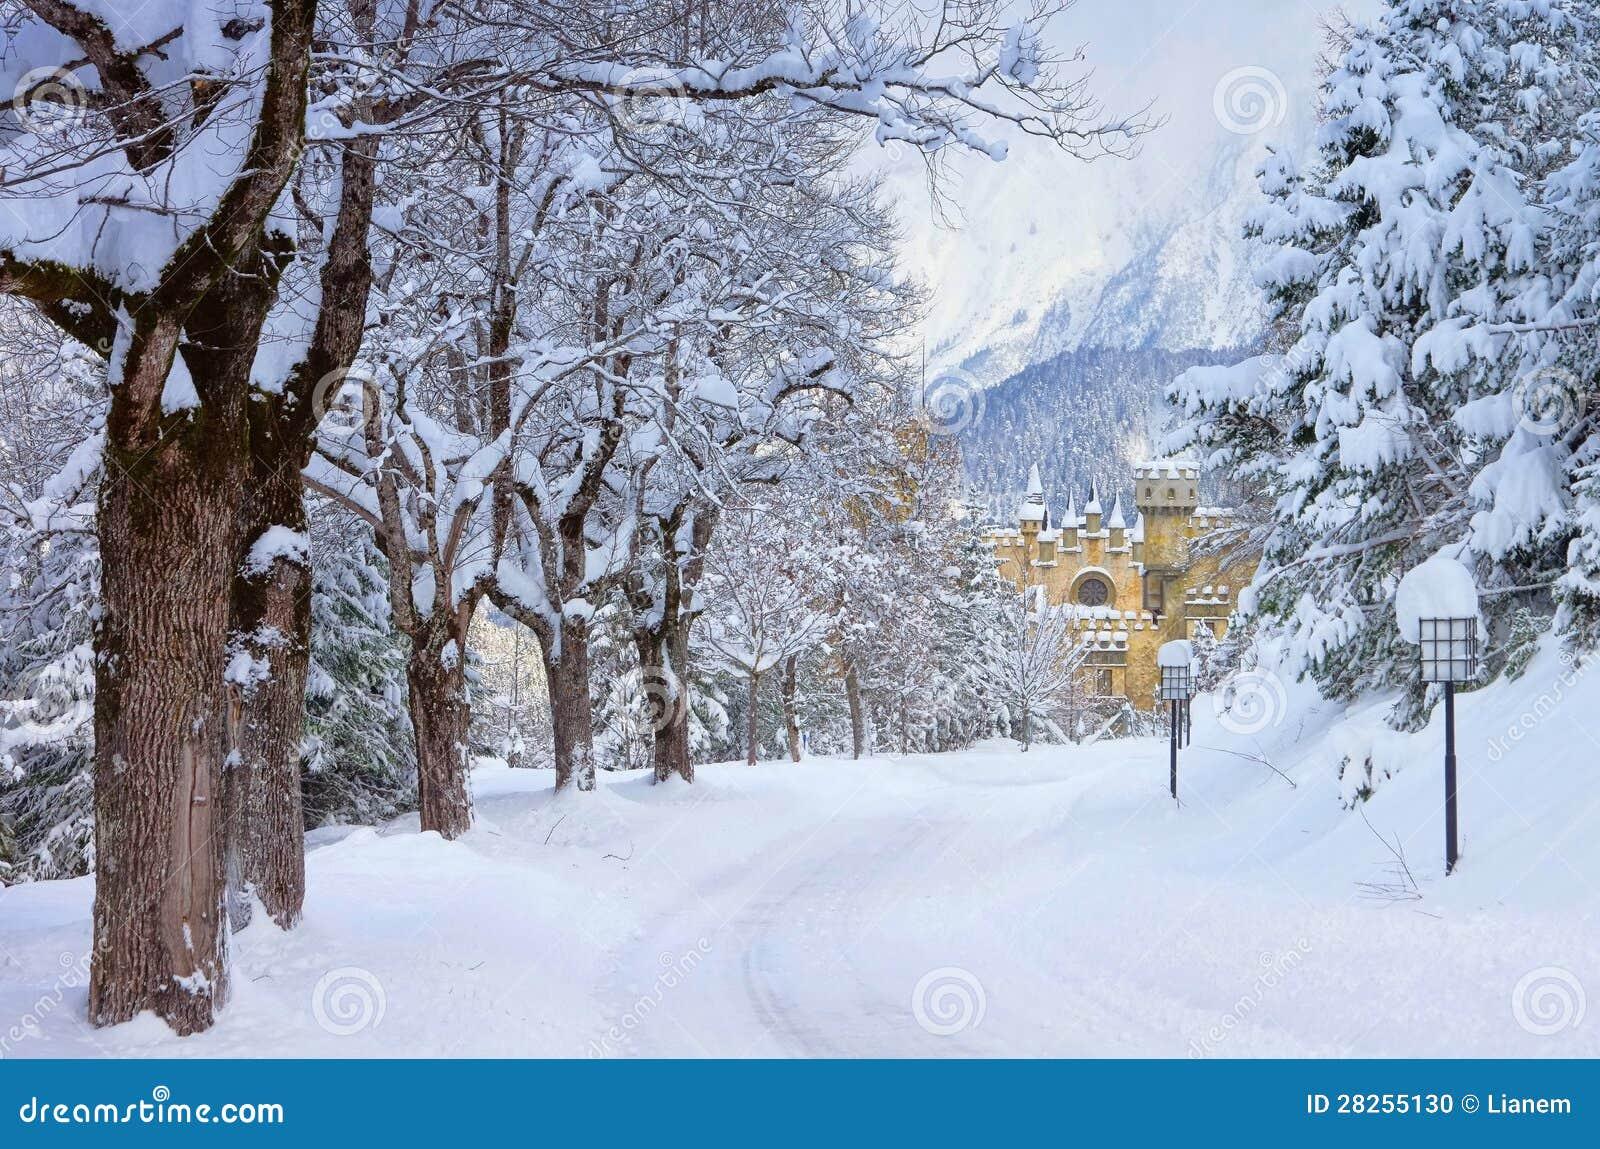 Seefeld castle in winter